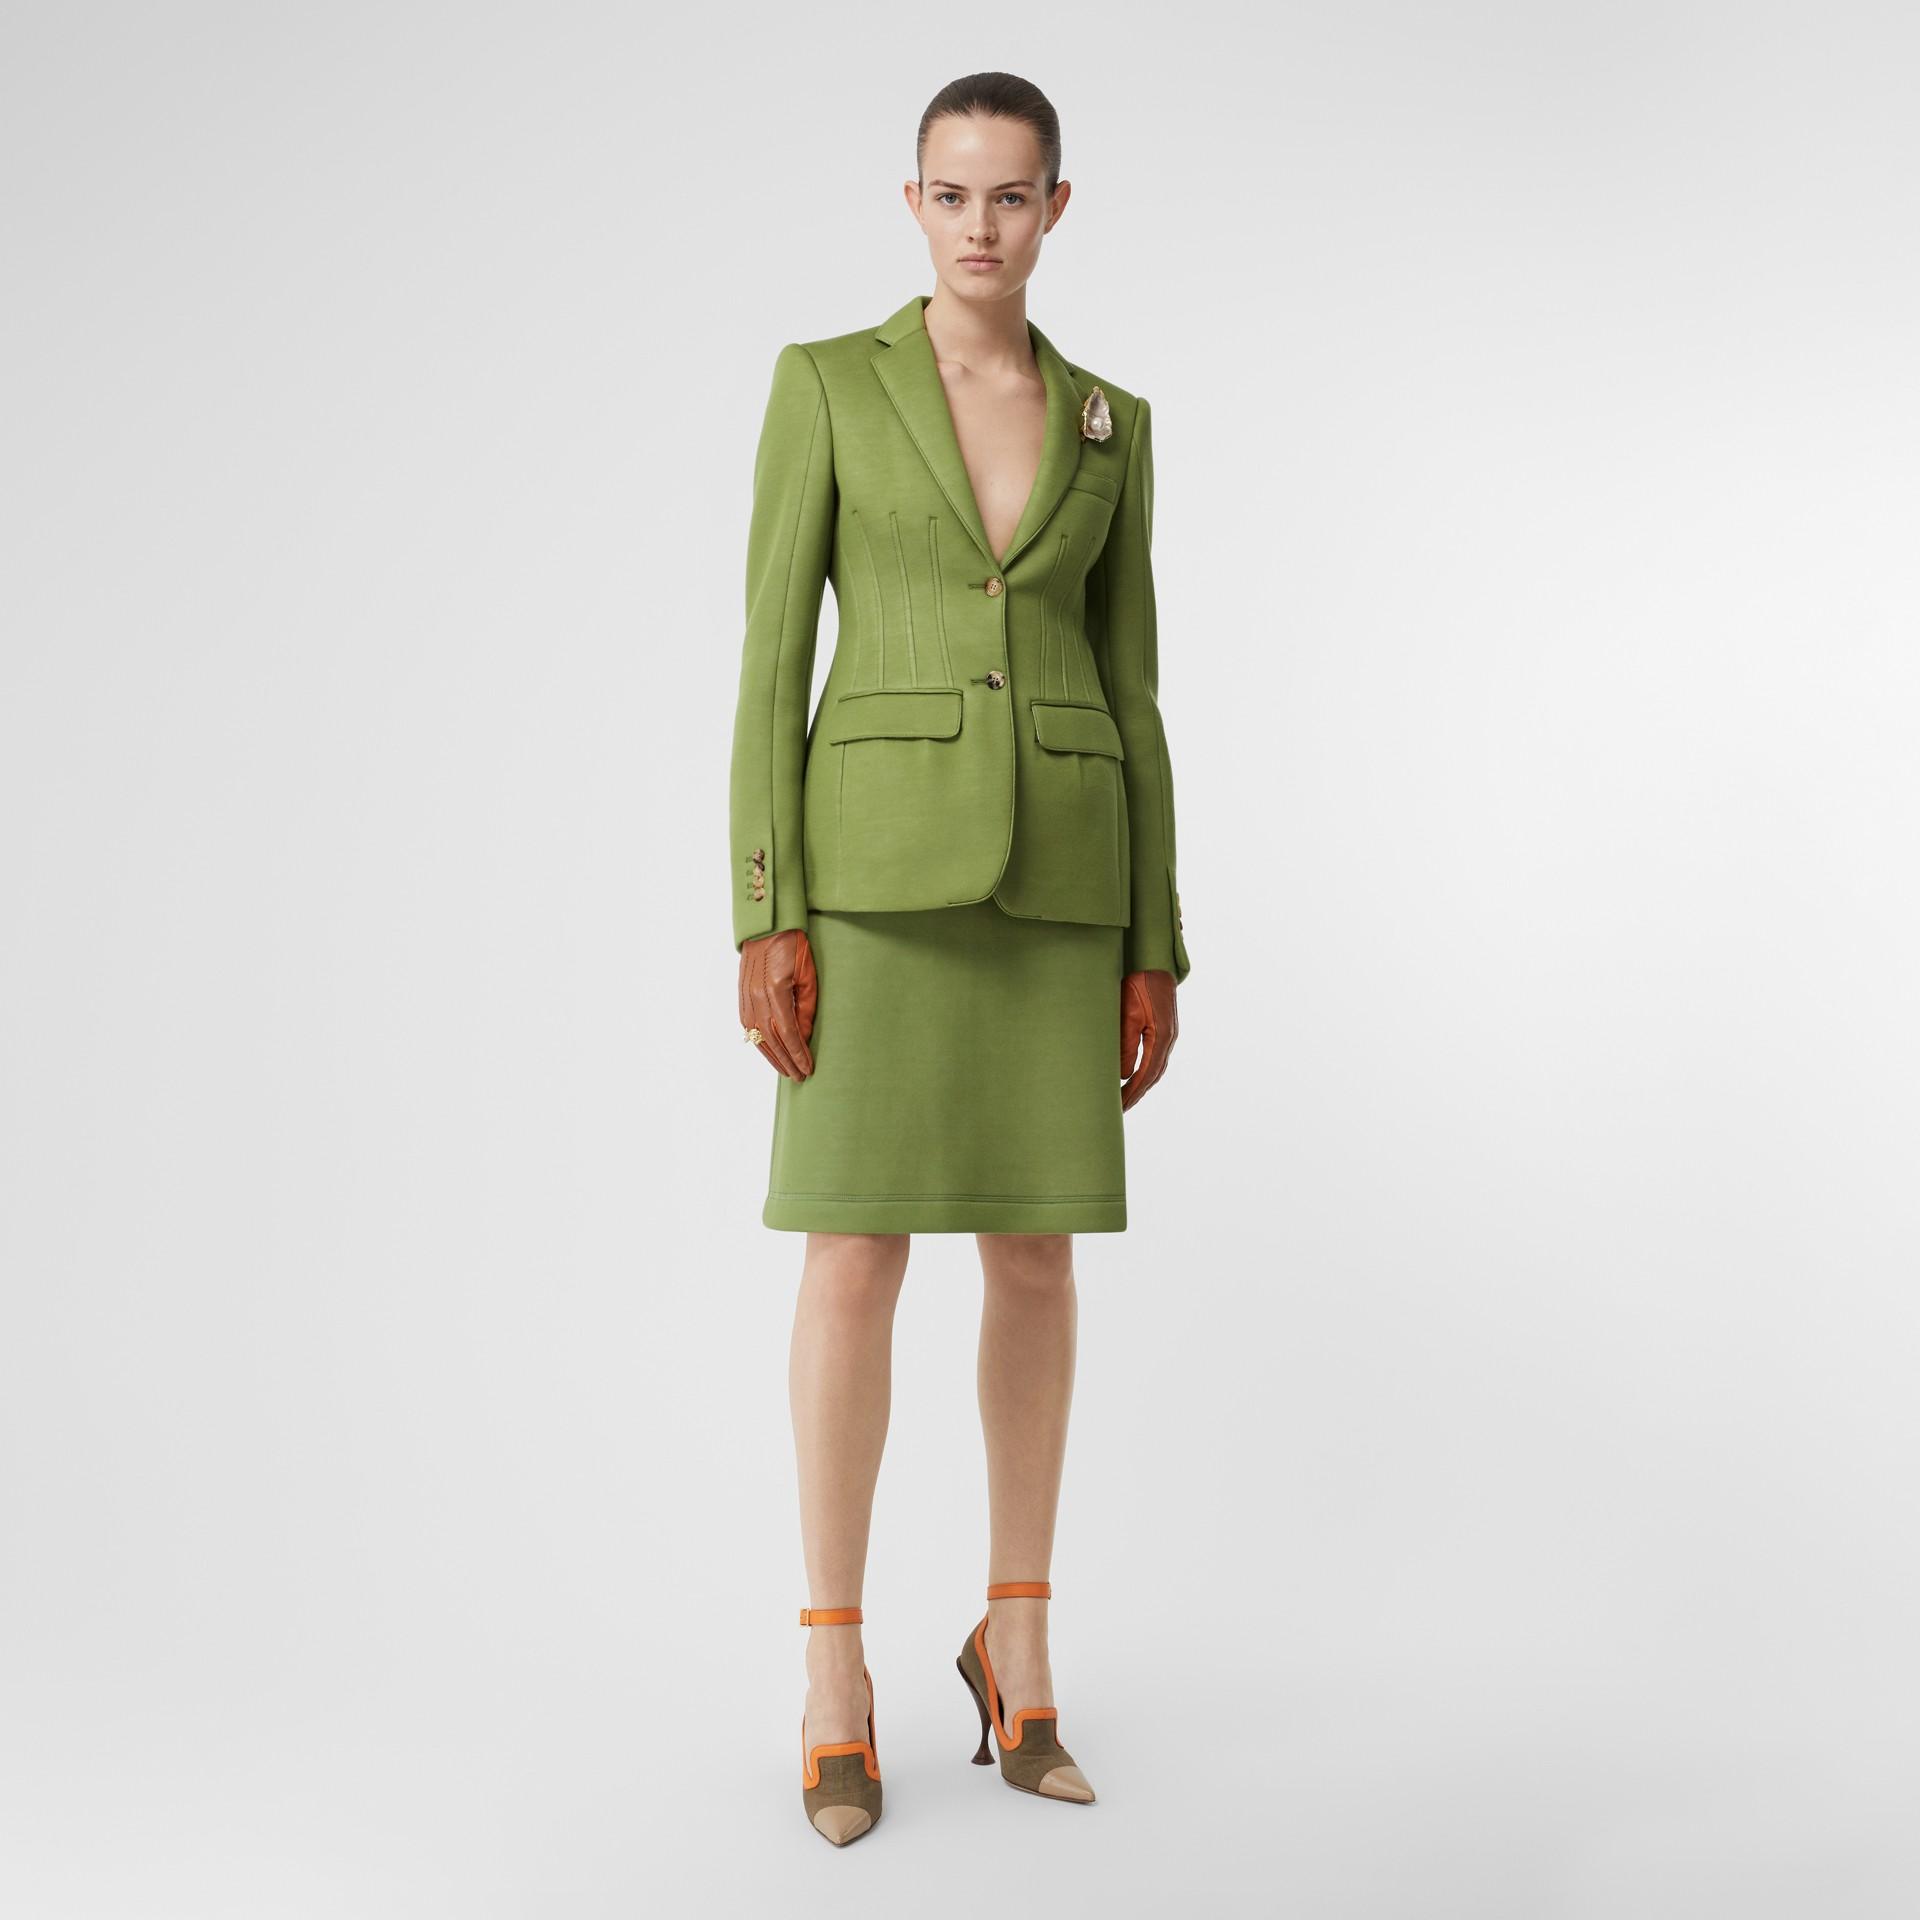 雙面氯丁橡膠套量裁製外套 (雪松綠) - 女款 | Burberry - 圖庫照片 0